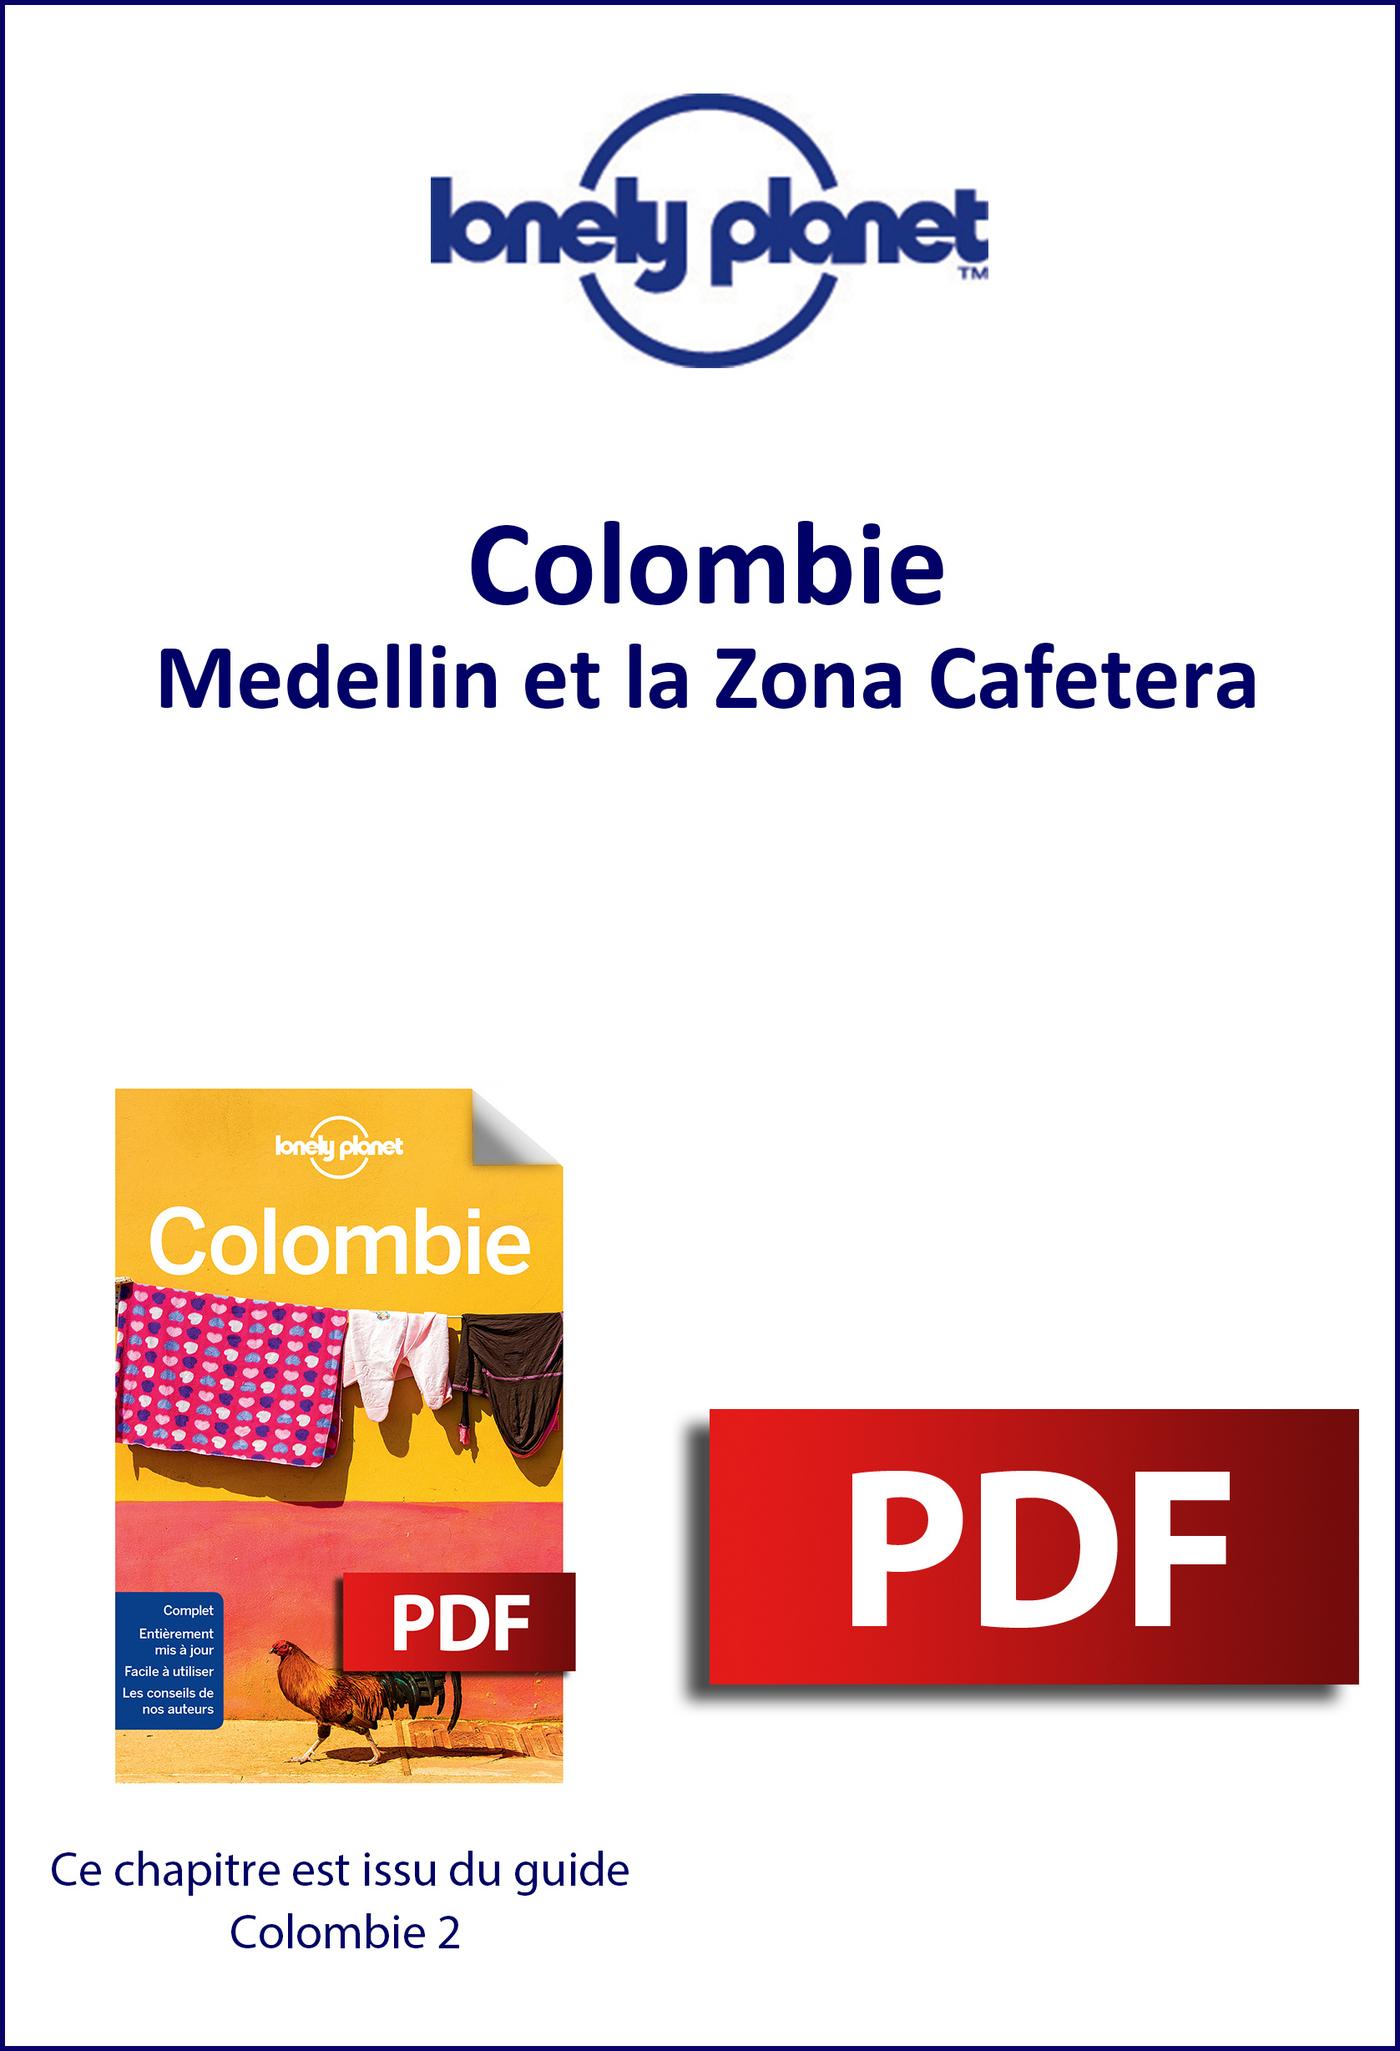 Colombie - Medellin et la Zona Cafetera